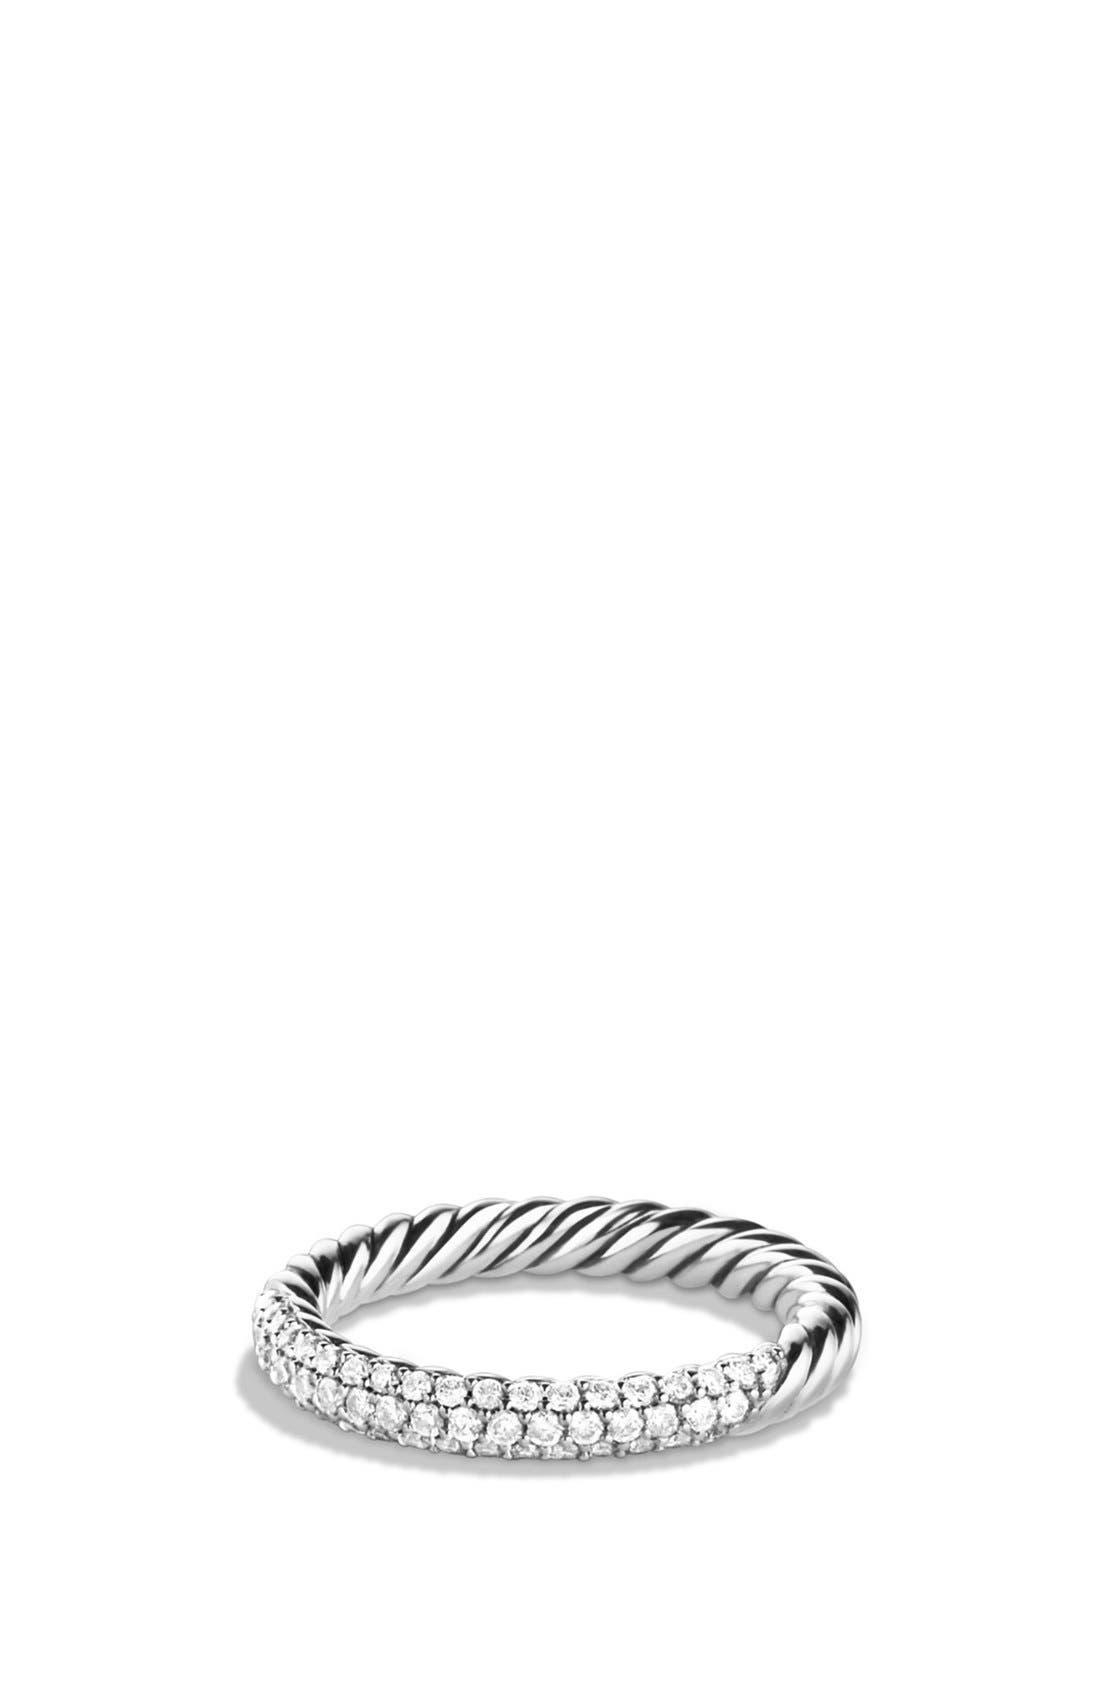 'Petite' Pavé Ring with Diamonds,                             Main thumbnail 1, color,                             Diamond